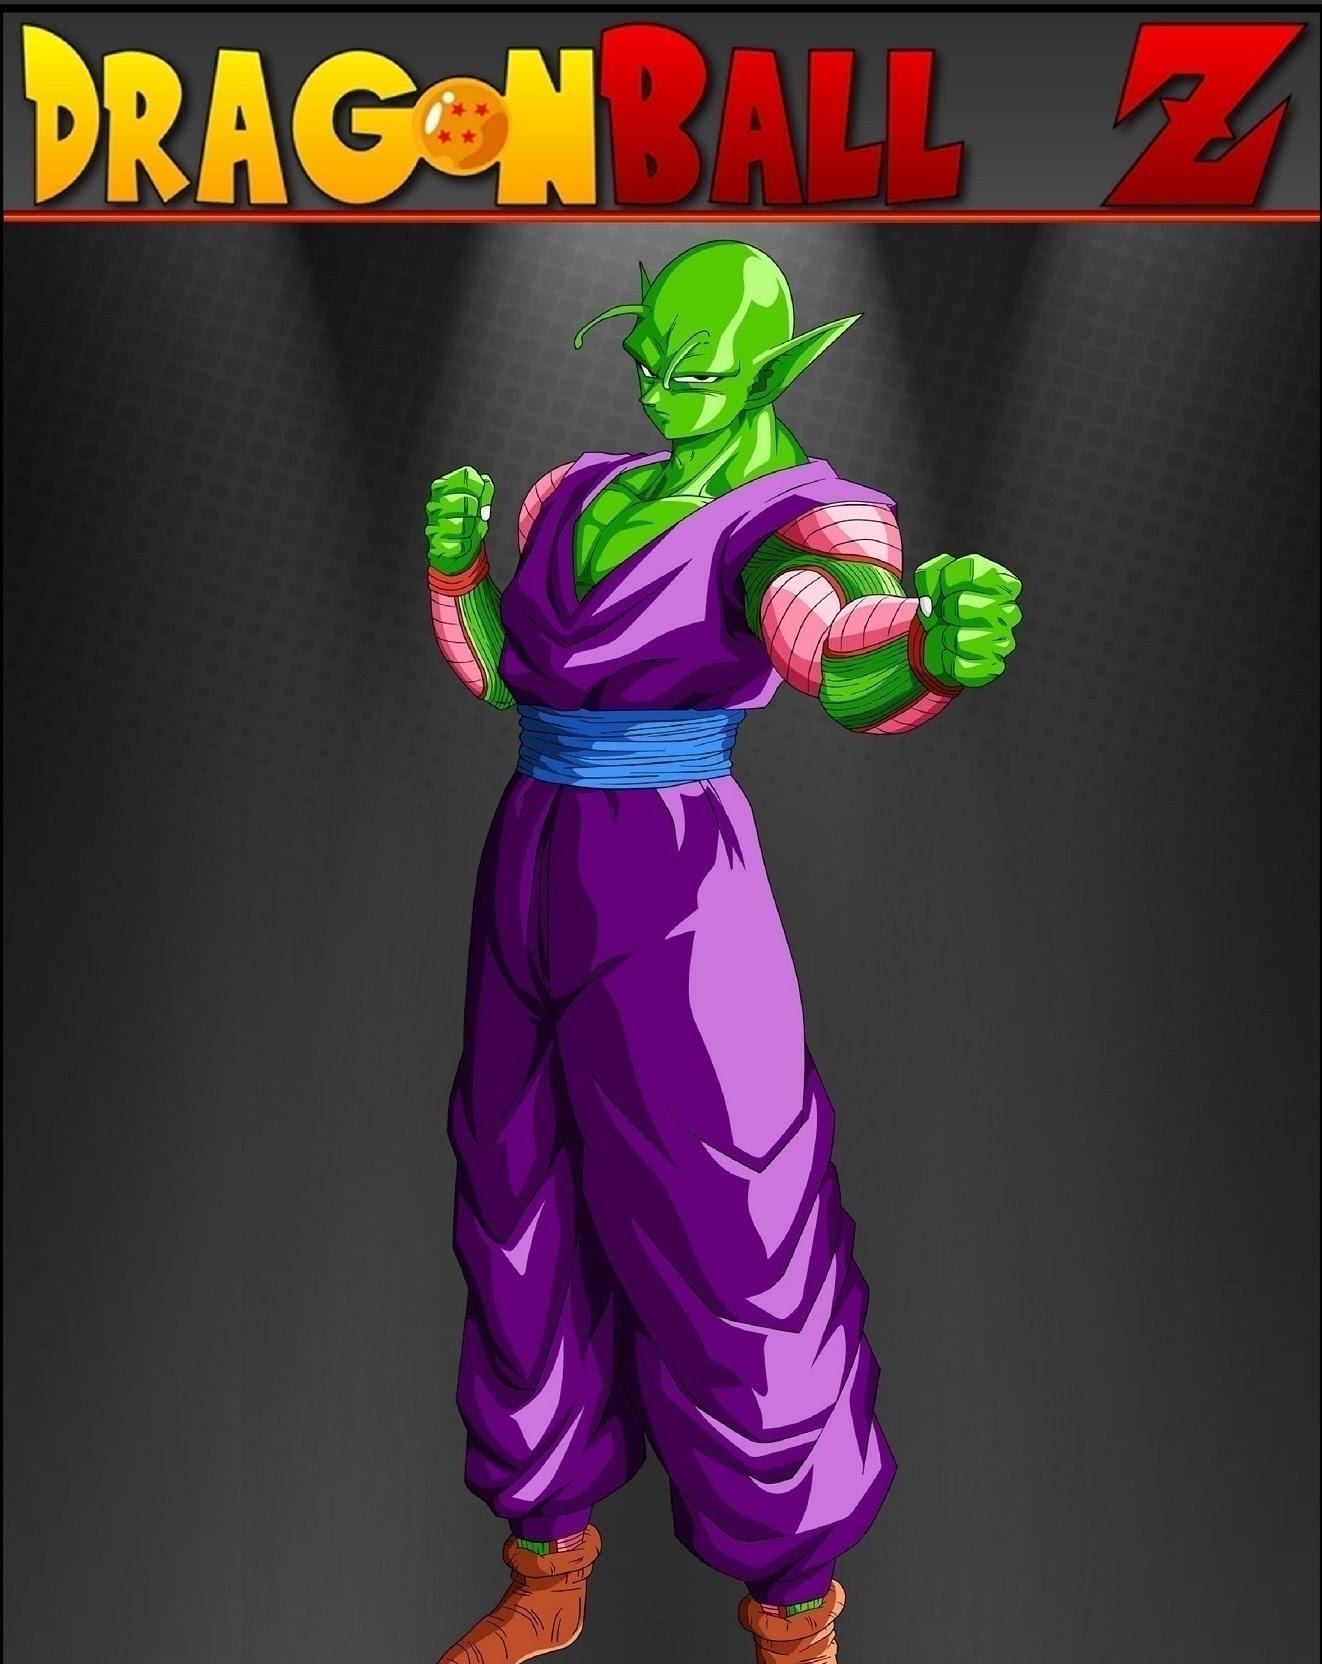 Piccolo Jr Dragon Ball Z Piccolo Jr Wallpaper 37227555 Fanpop